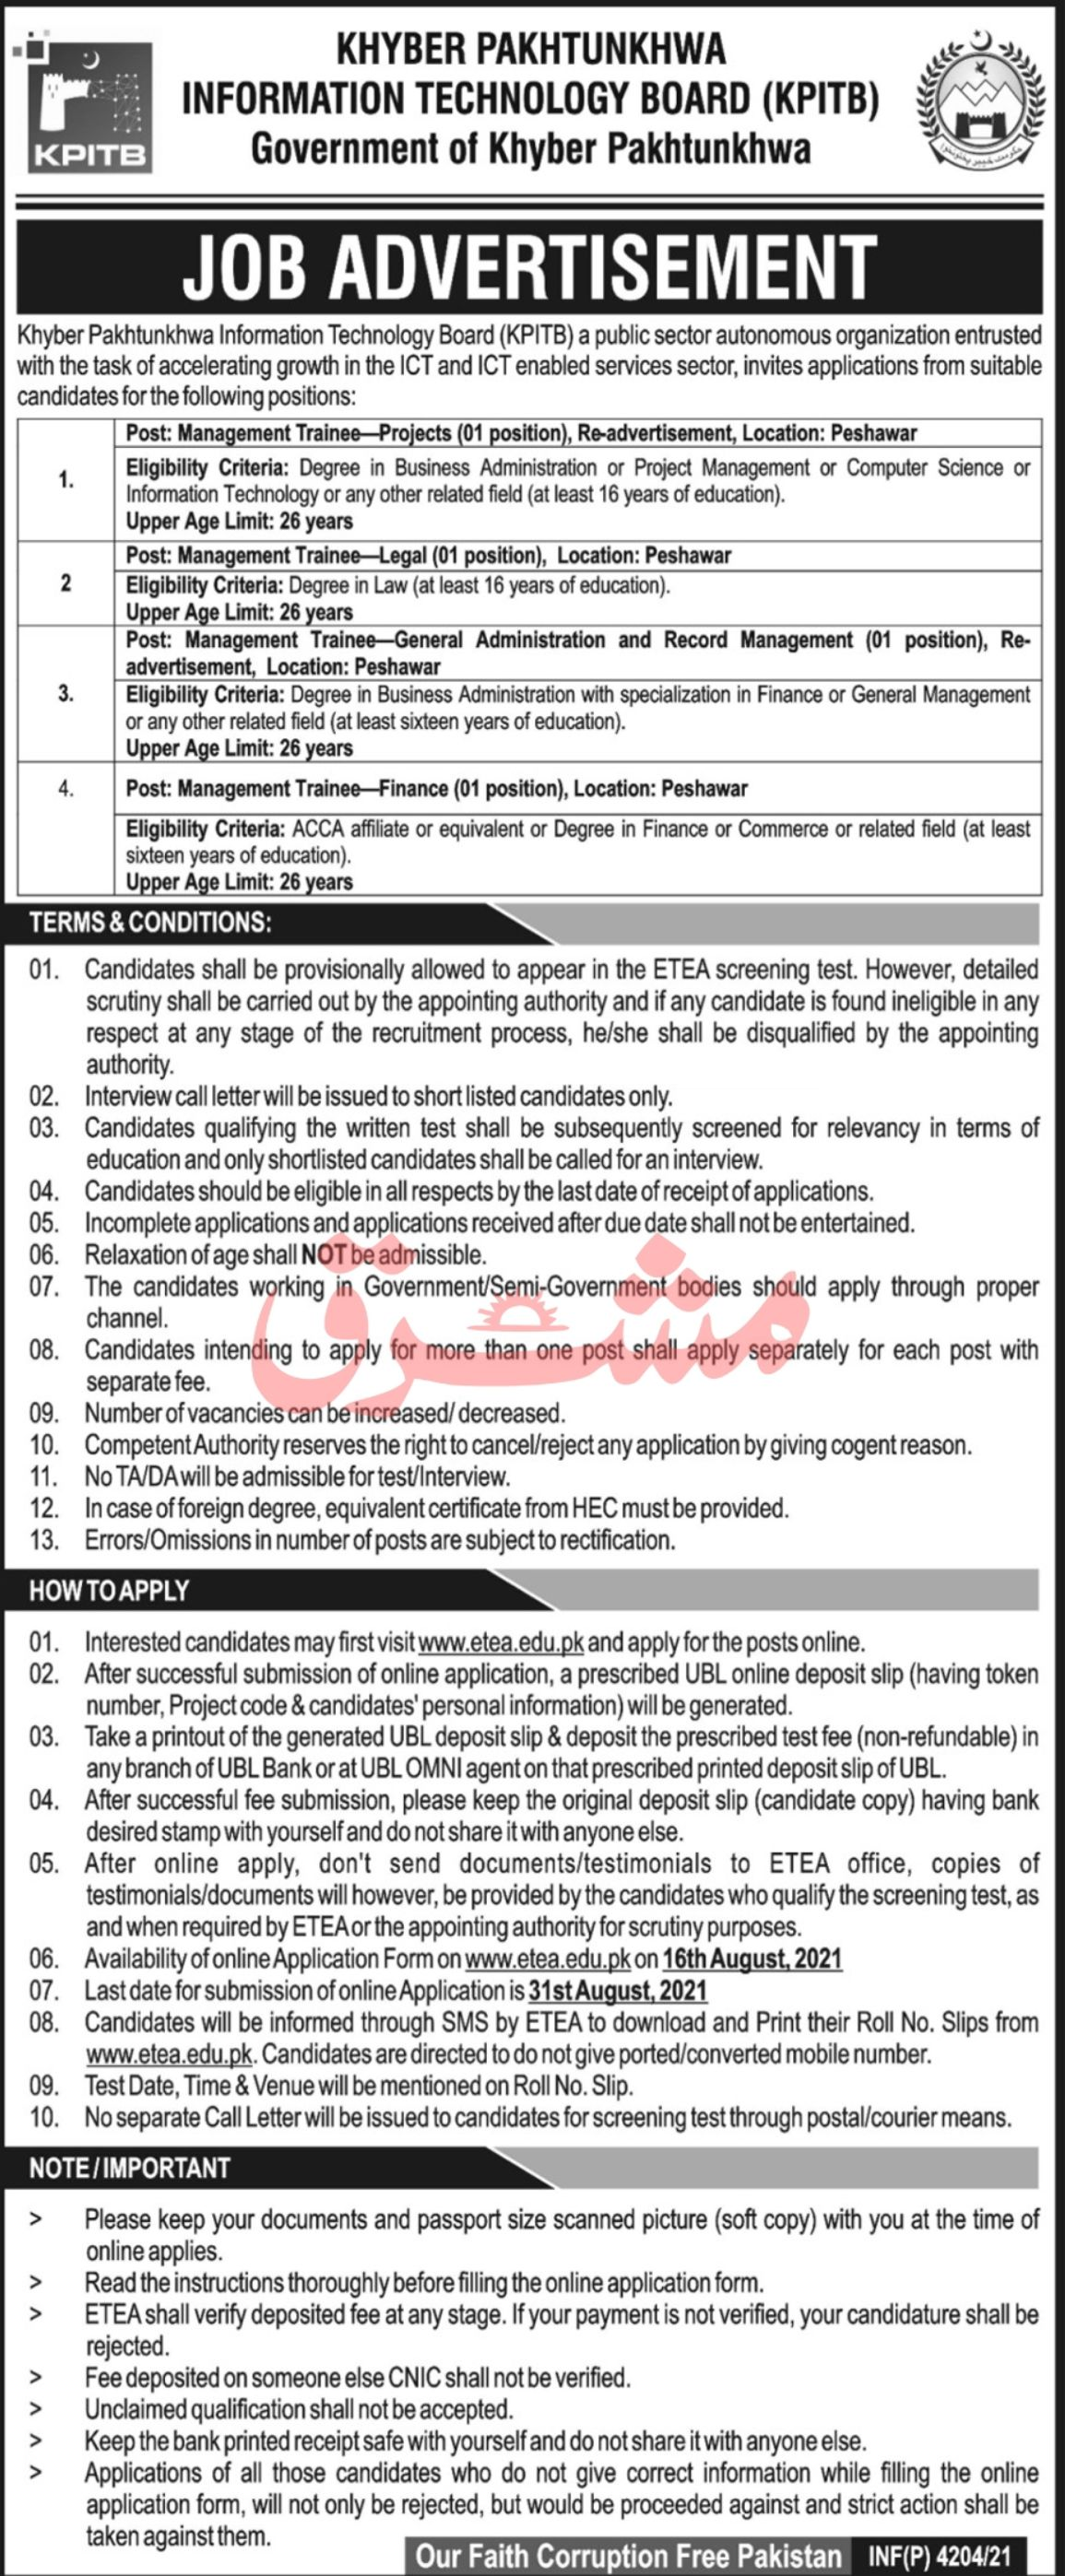 Khyber Pakhtunkhwa Information Technology Board KPITB Vacancies 2021 2